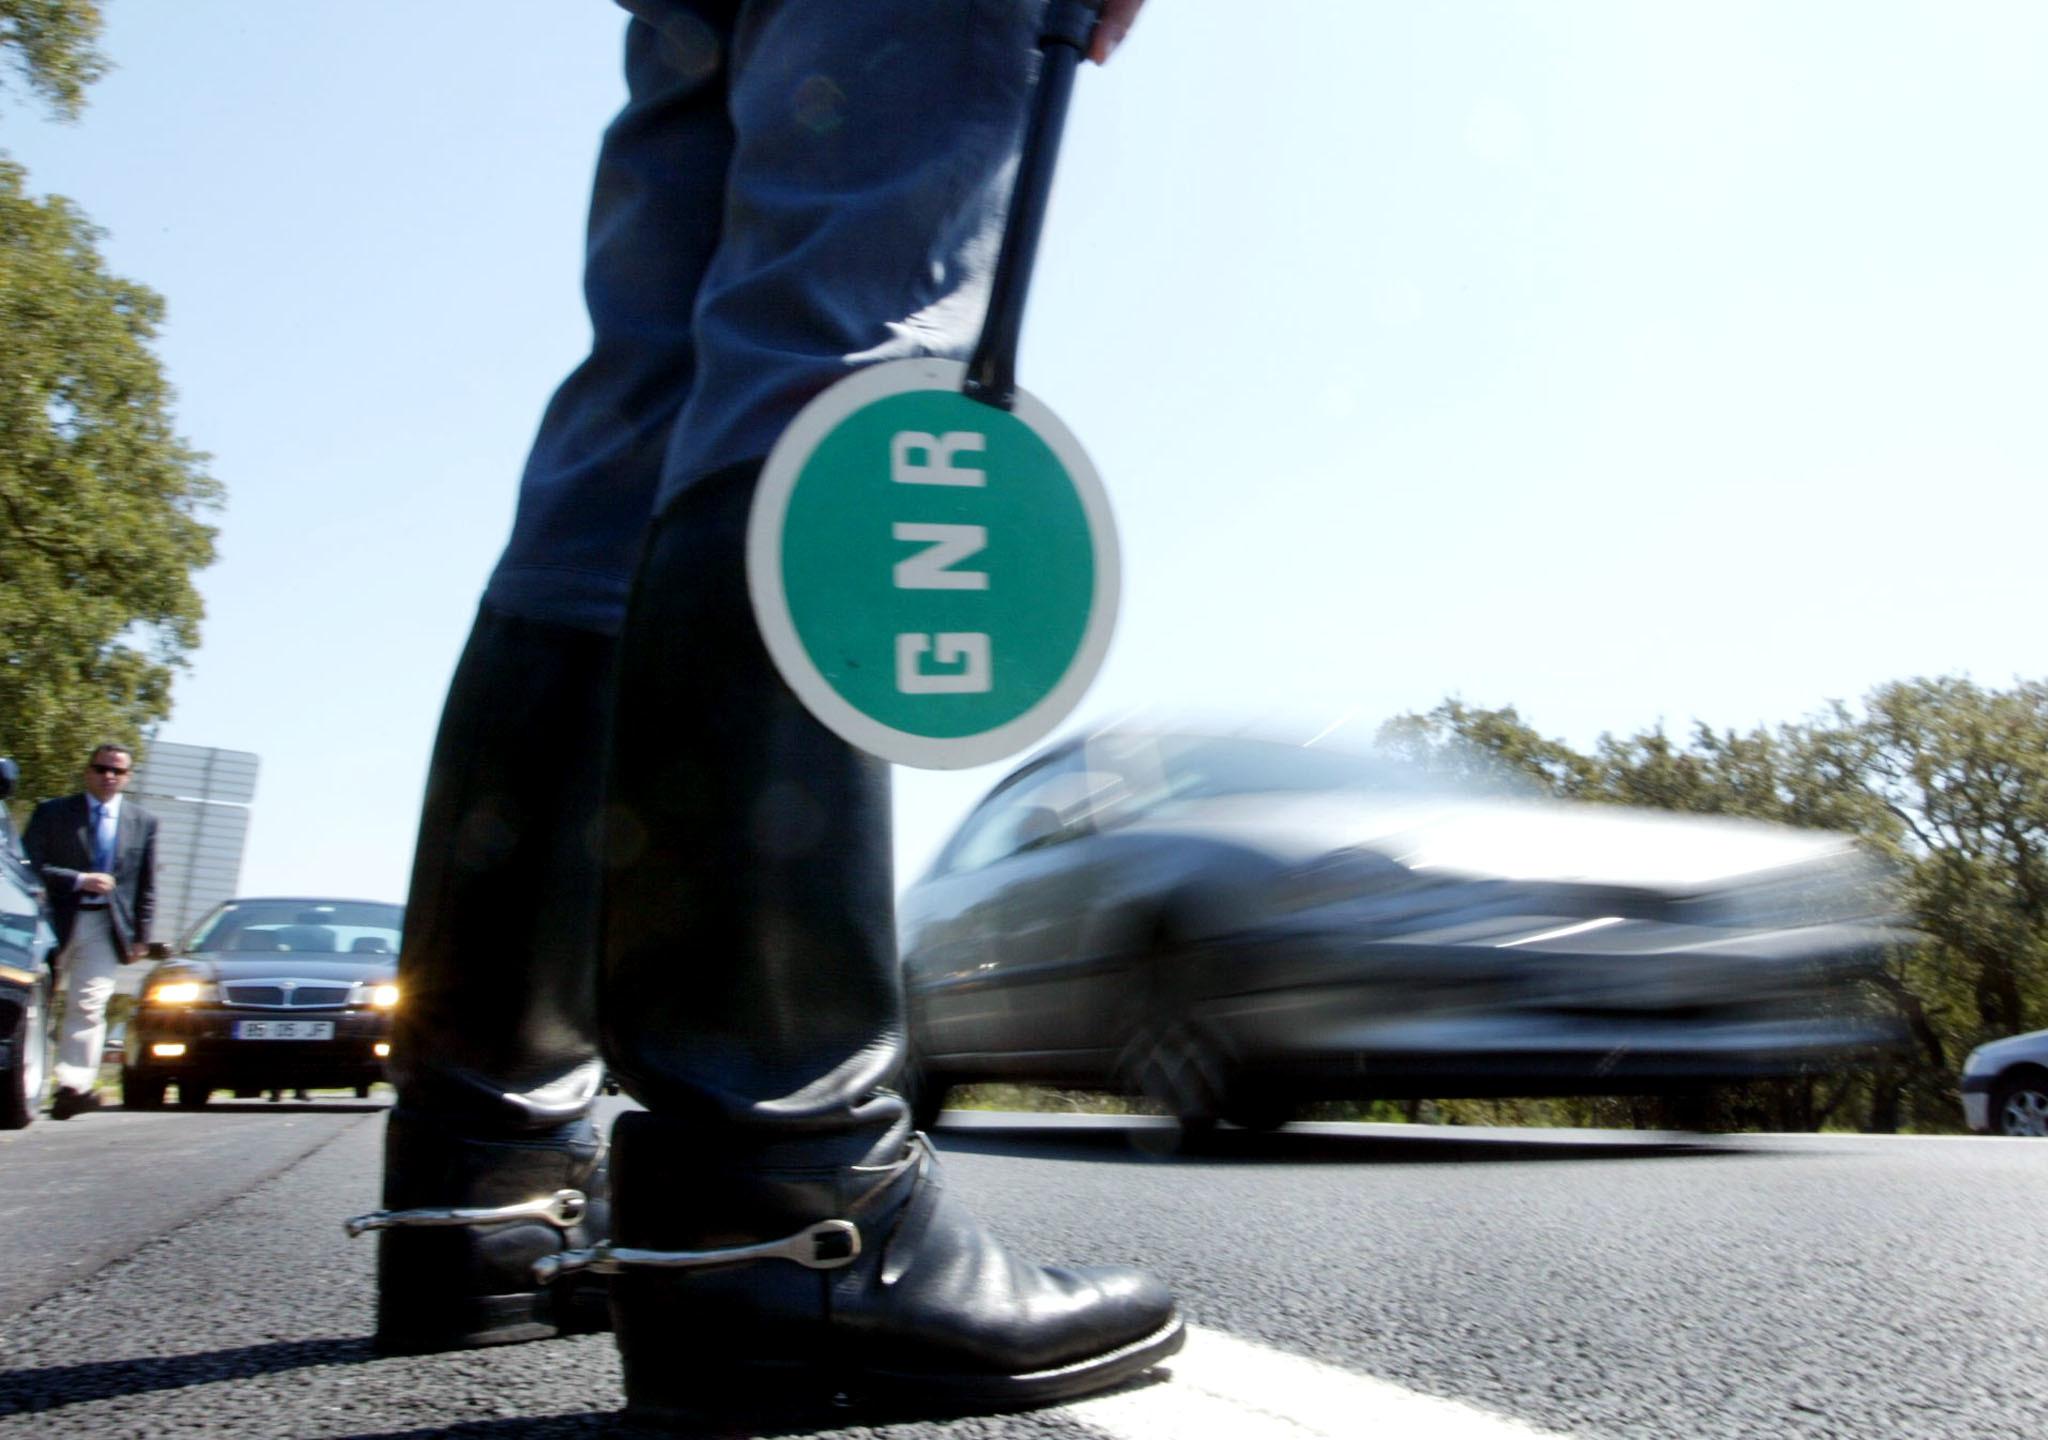 GNR deteta mais de mil infrações em 24 horas. Mais de 600 foram por excesso de velocidade